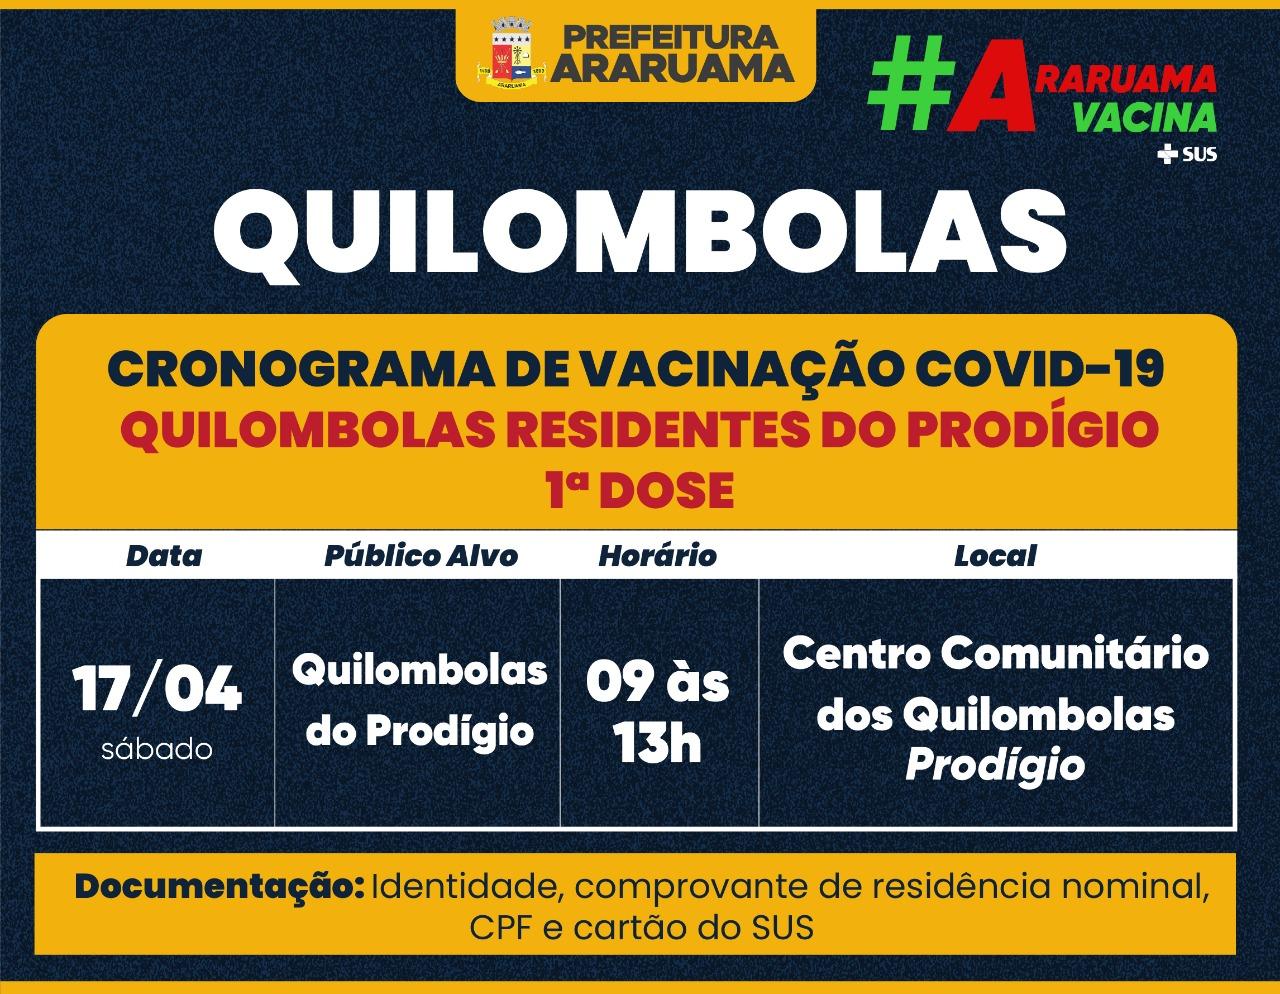 Calendário de vacinação para Quilombolas do Prodígio